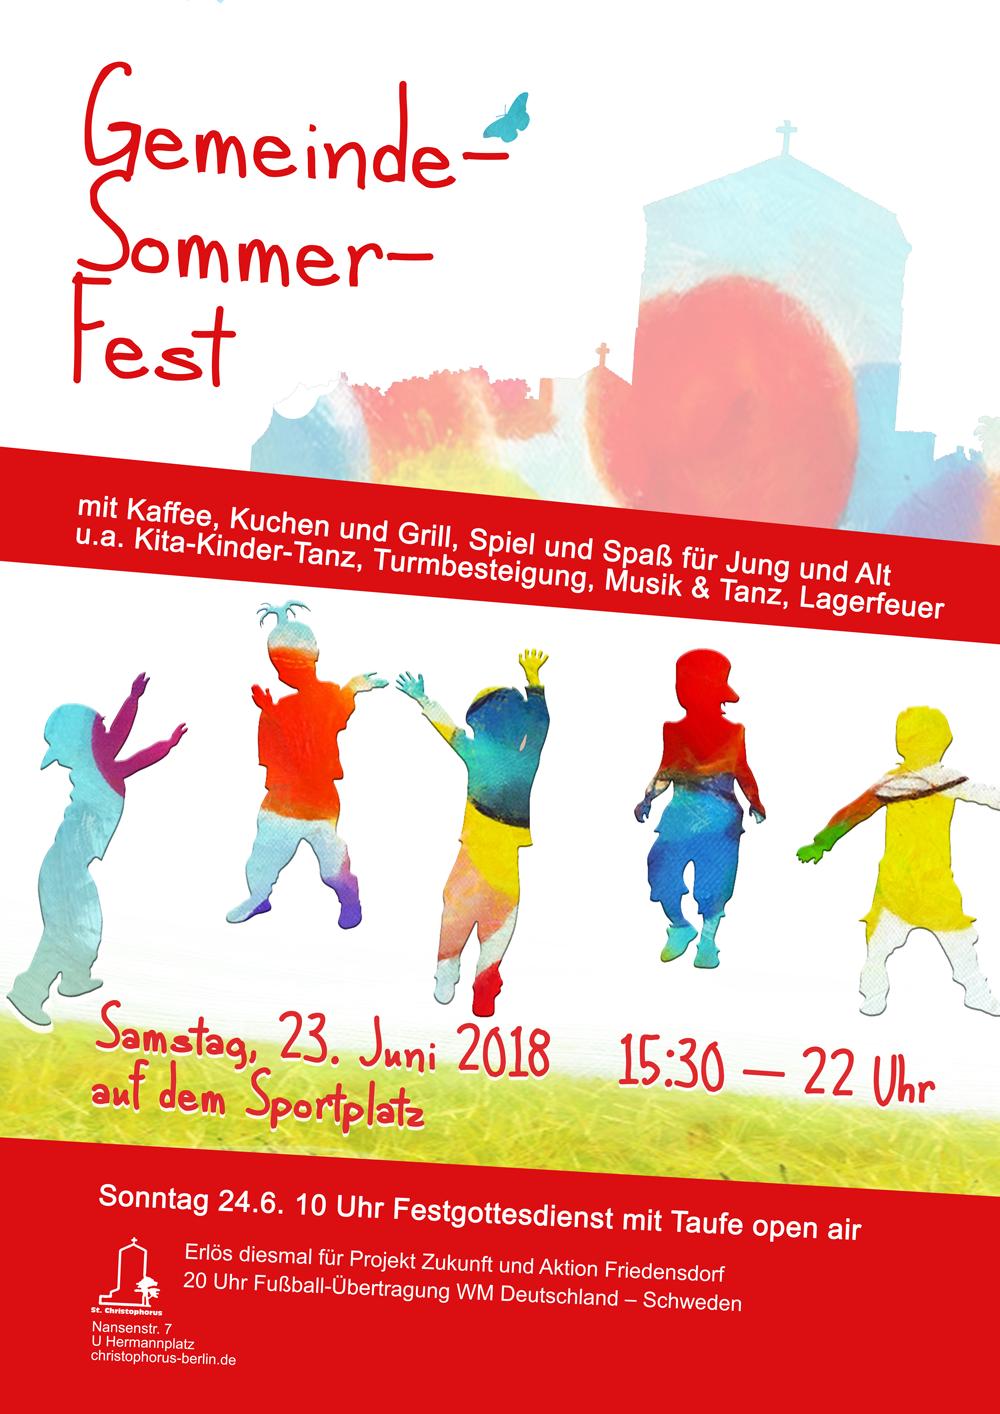 Gemeinde-Sommerfest @ St. Christophorus | Berlin | Berlin | Deutschland